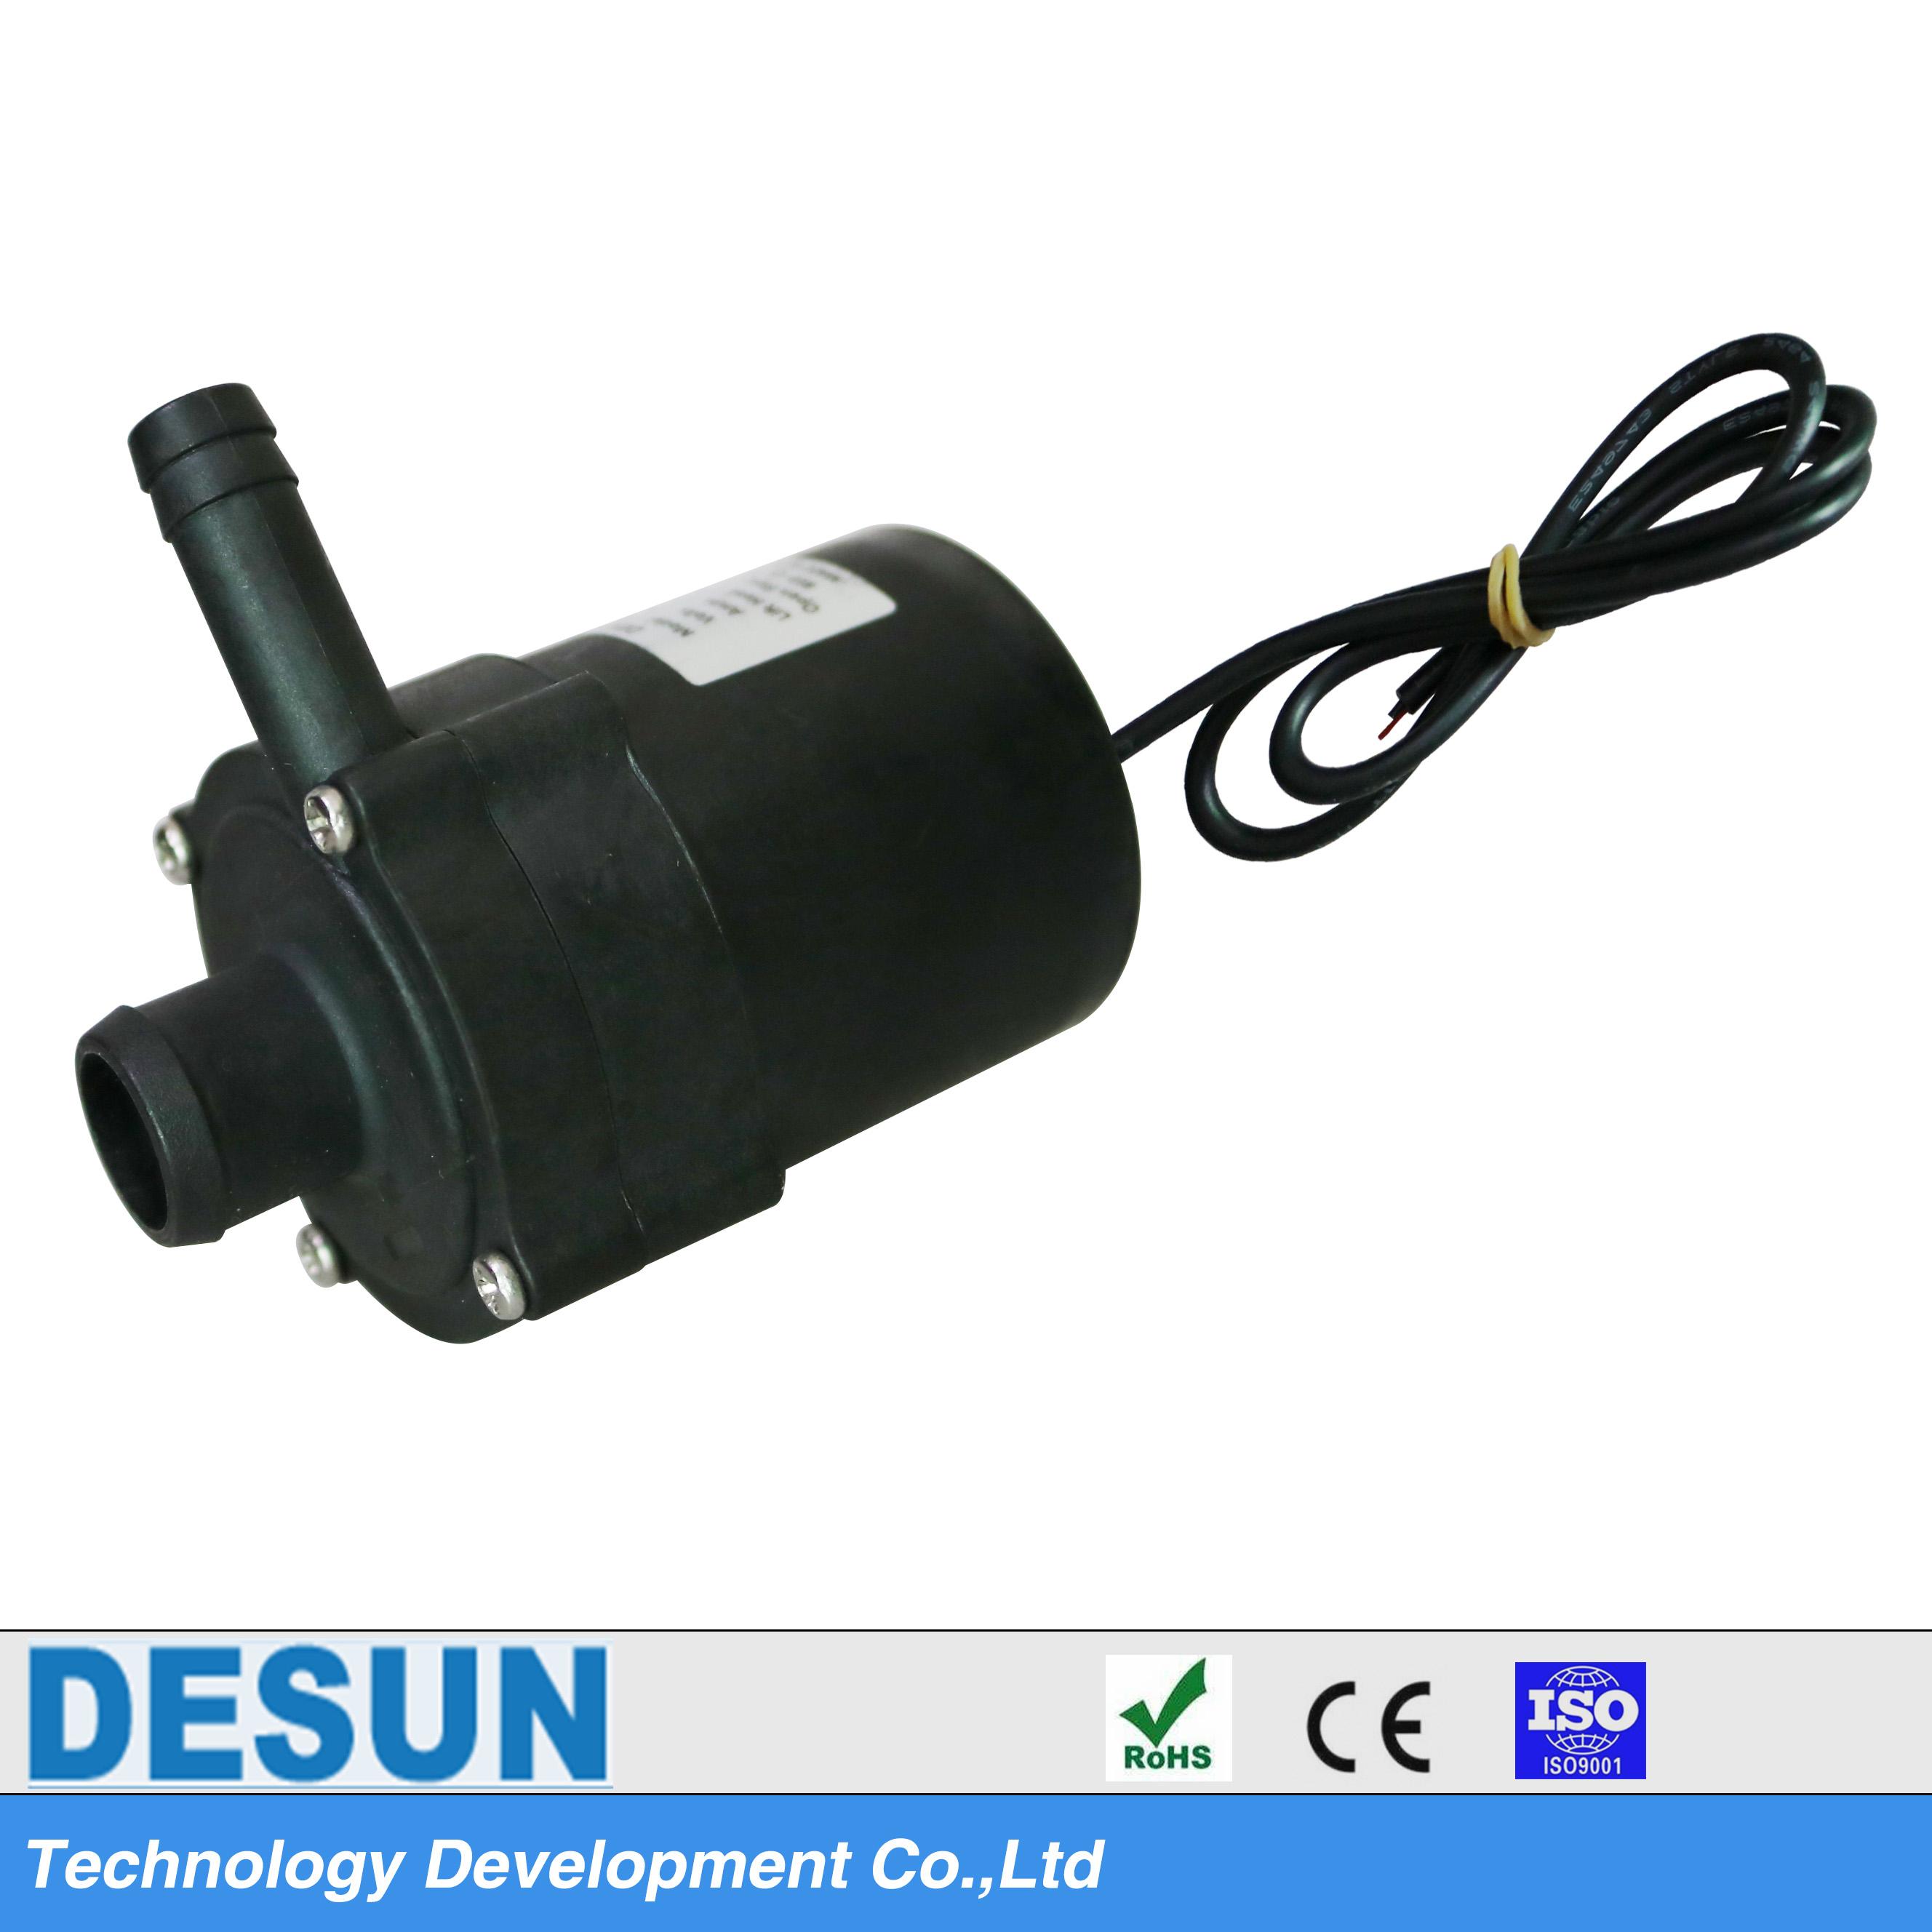 家用电器微型水泵DS4501